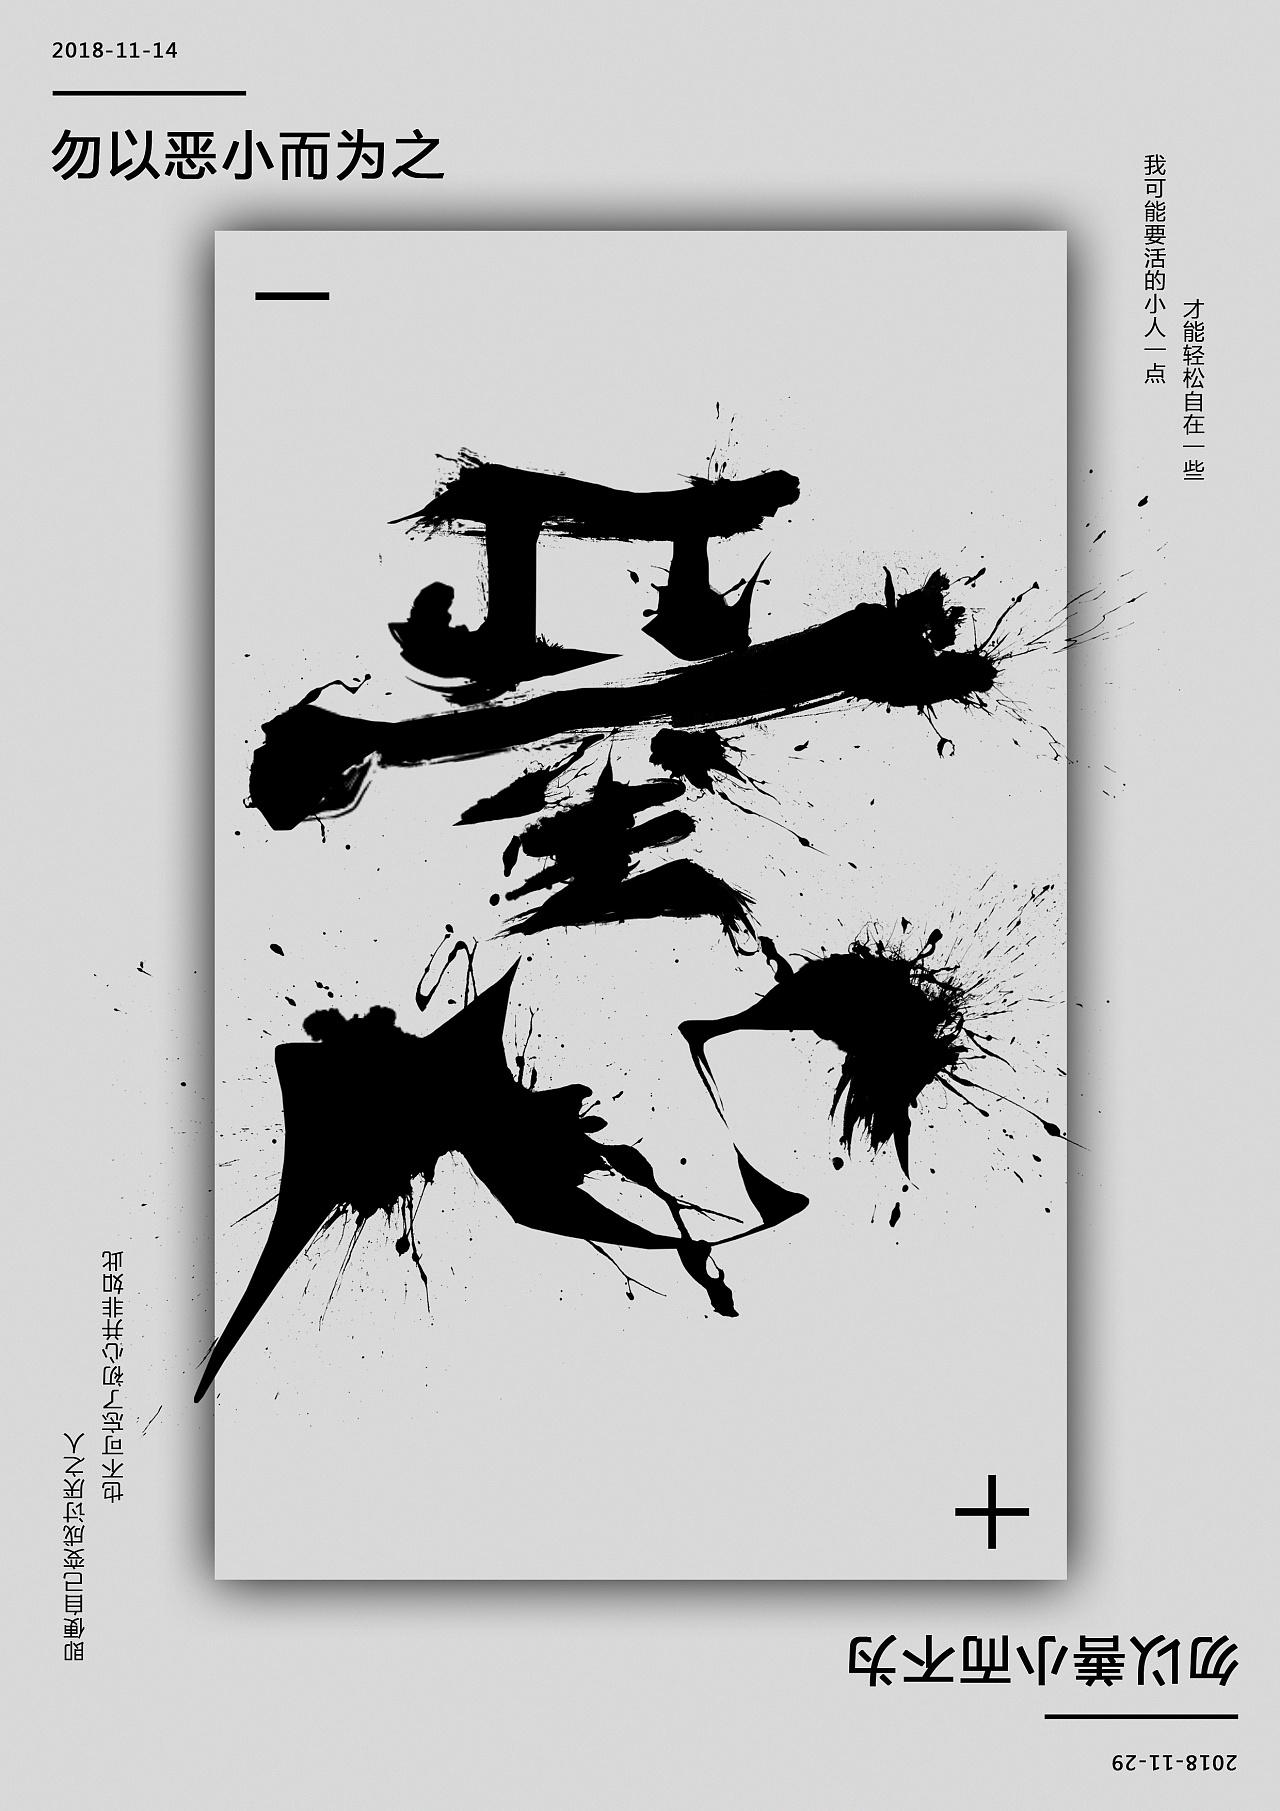 善恶翻转文字黑白海报|平面|字体/字形|shuopaozhimo图片